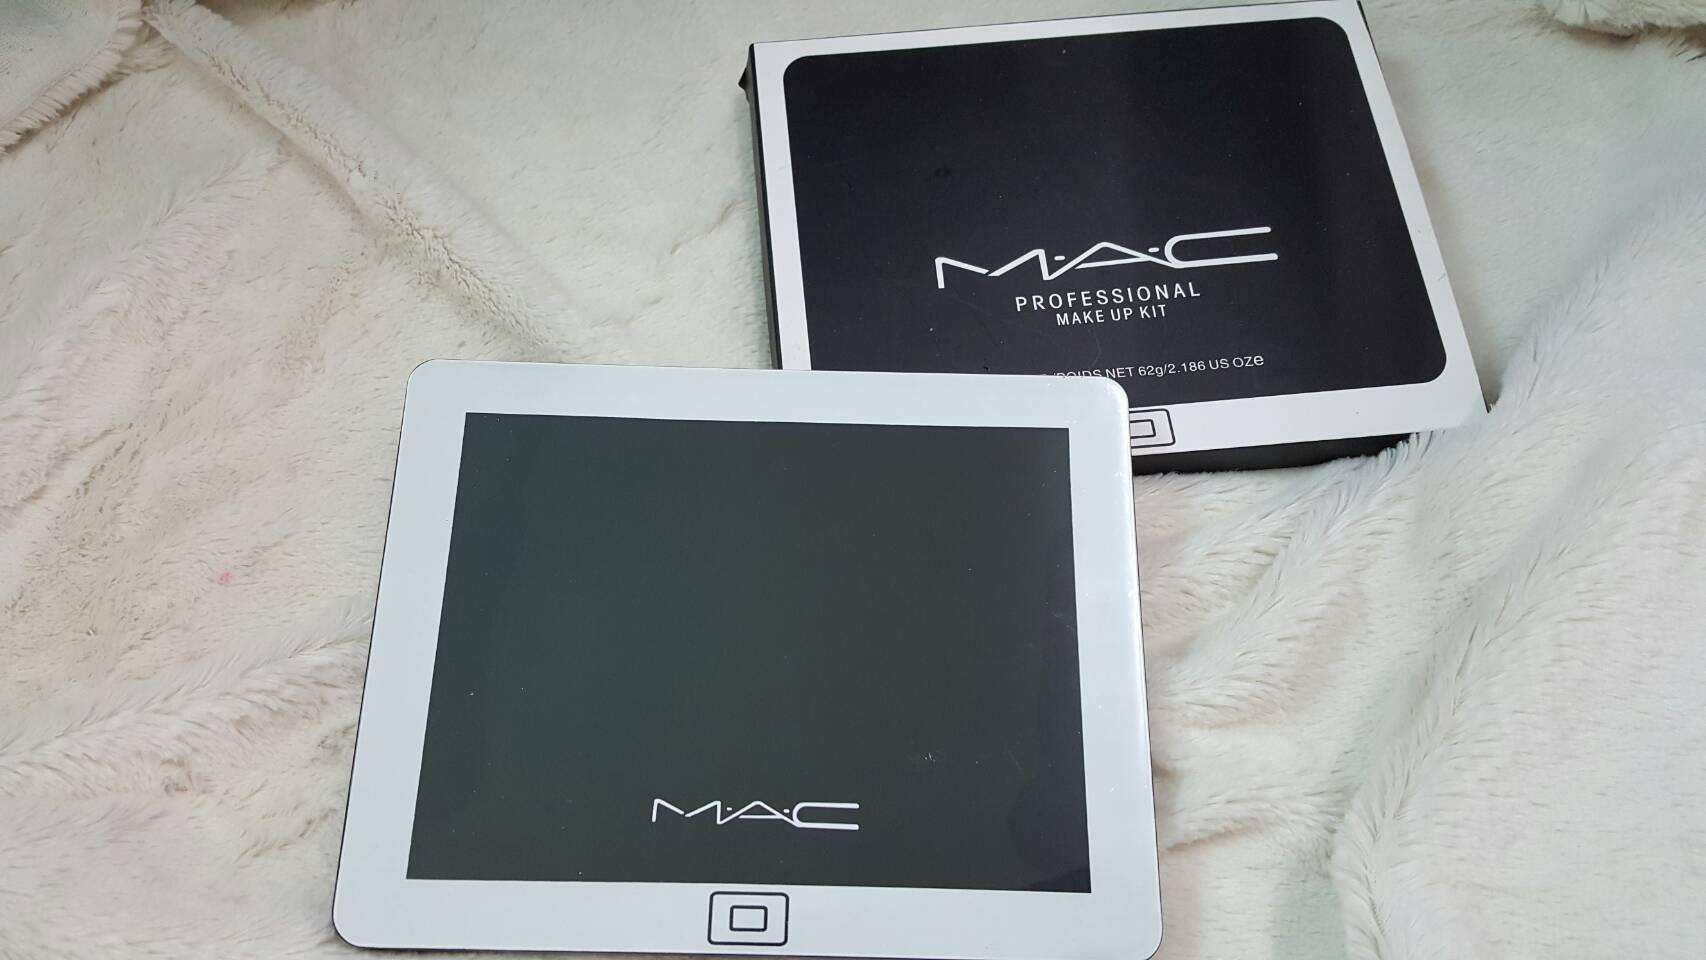 MAC profussional mackup KIT ครบที่สุดแห่งการแต่งหน้า โทนสีเมทาลิคสวยแซ่บ แพคเกจไอแพค